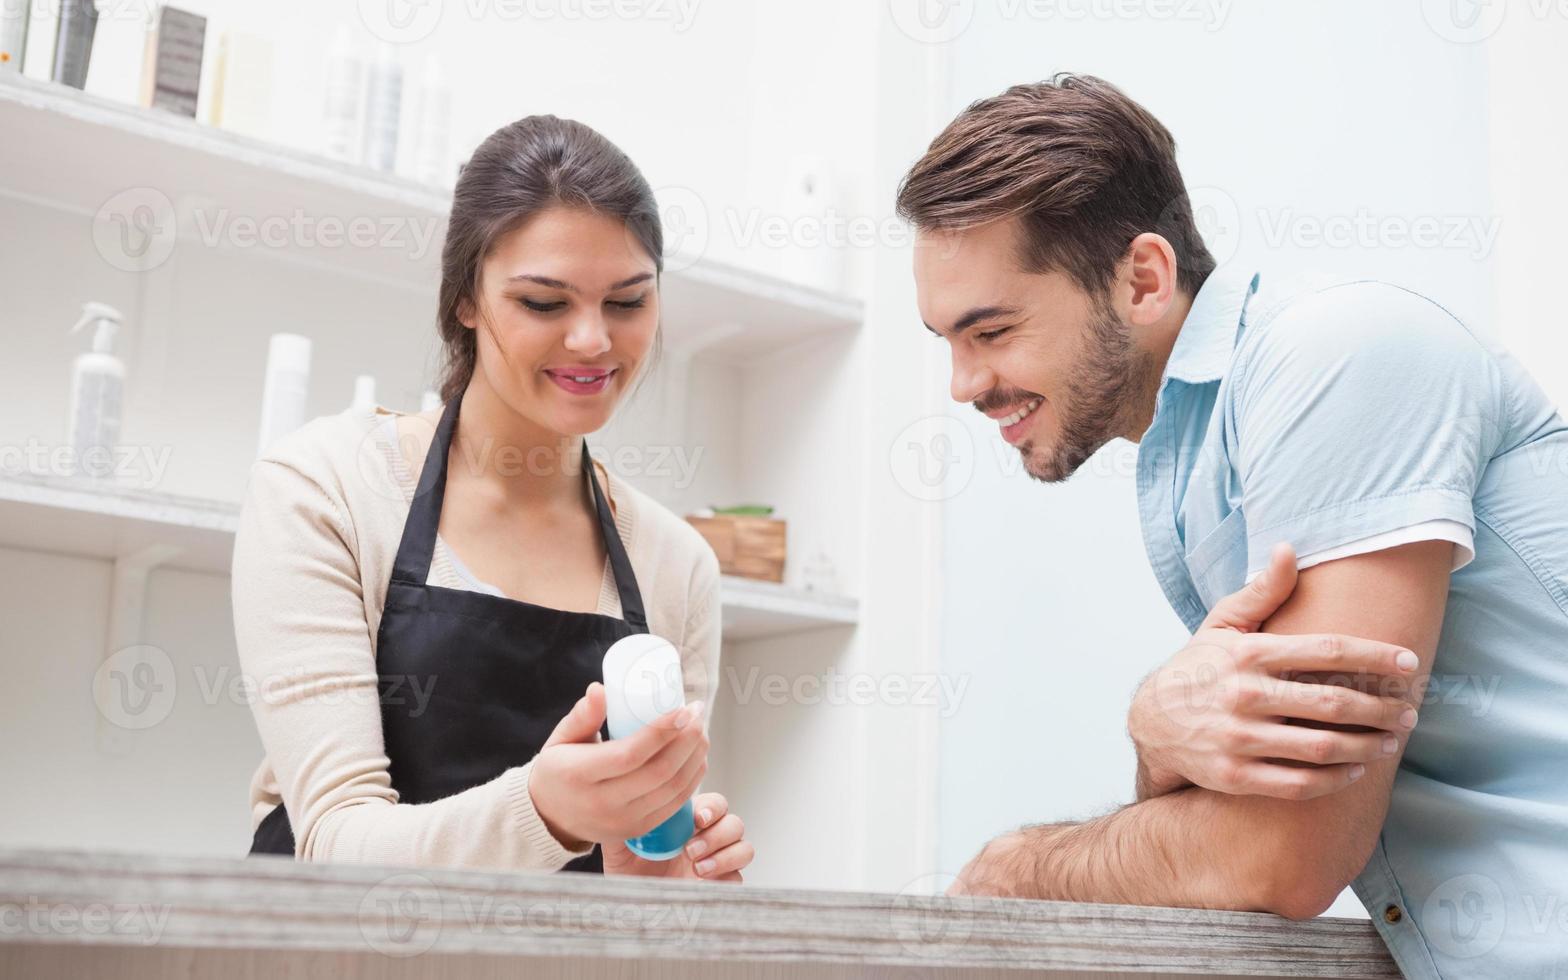 peluquero hablando con un cliente foto